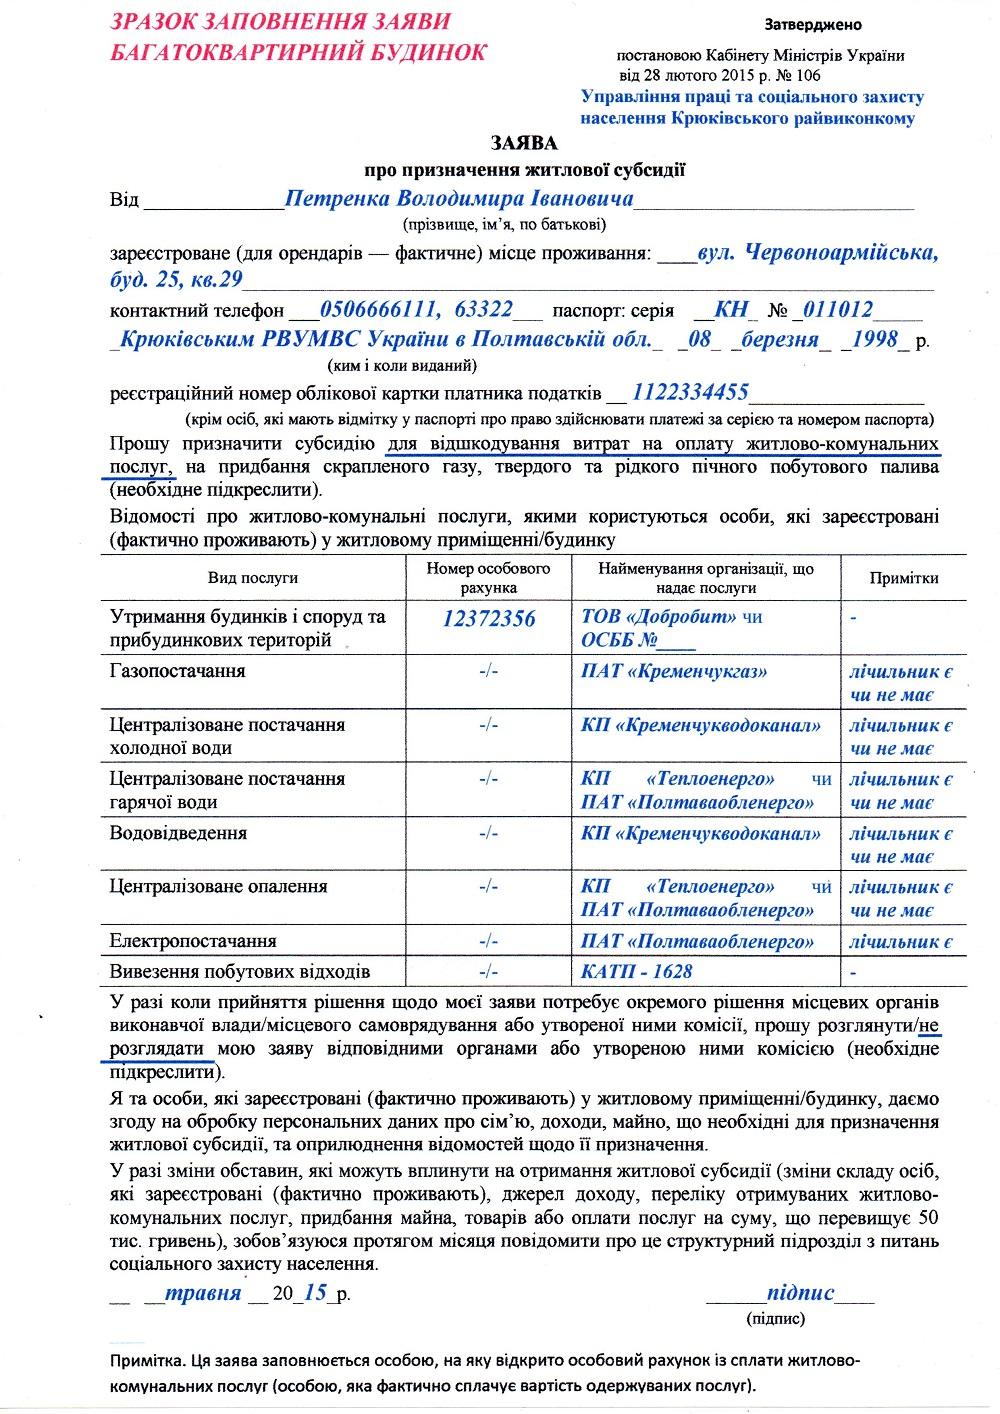 бланк декларации на получение субсидии